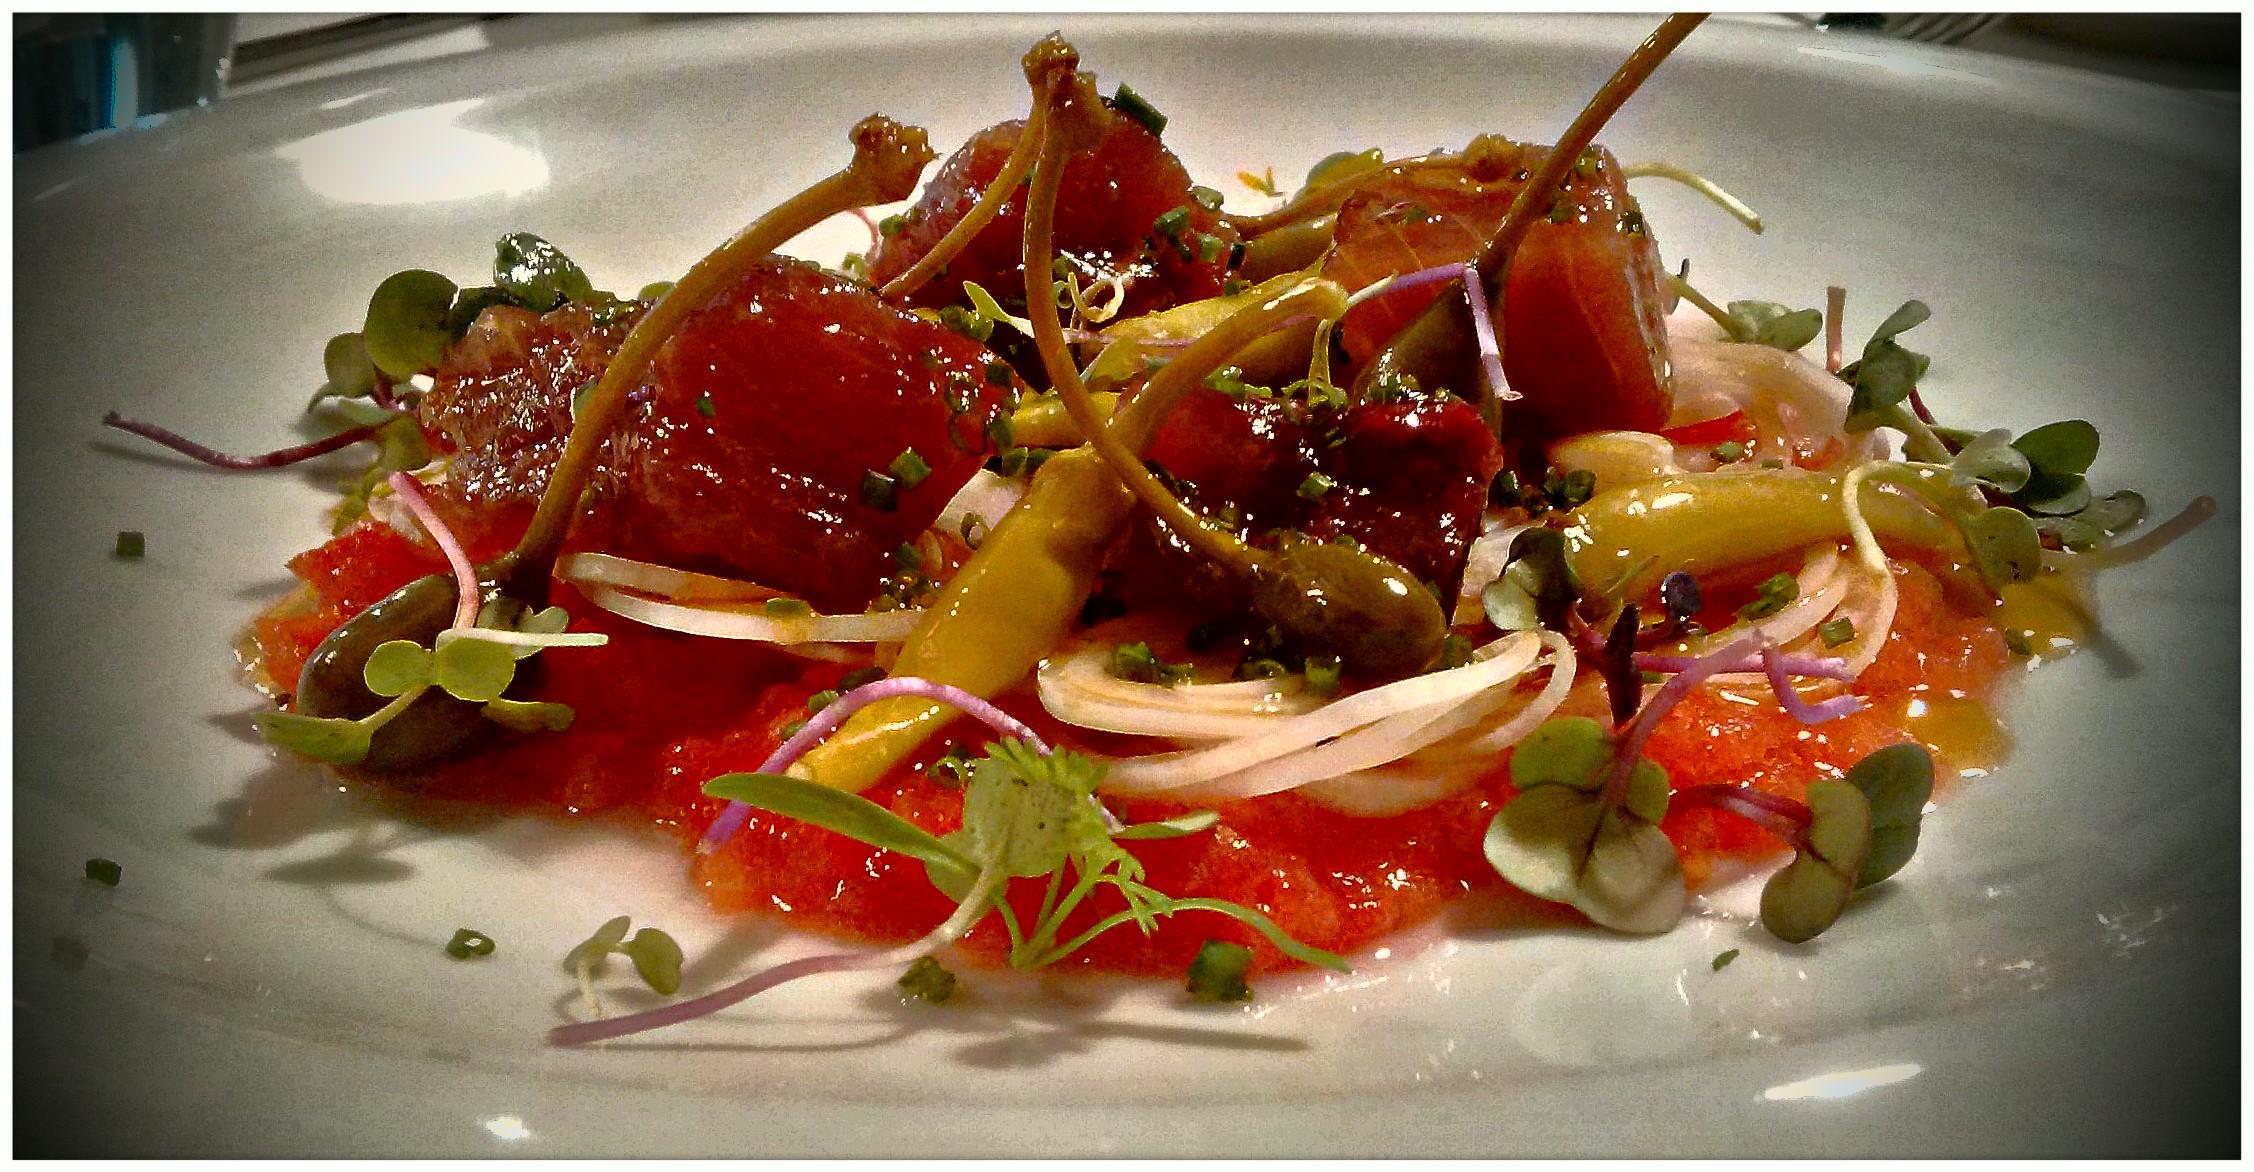 Tavella . . .Ensalada de Atún, Taperas, Pebrera (Piparras ó Guindillas), Aros  de Cebolla fresca y tierna y Tomate triturado . . .